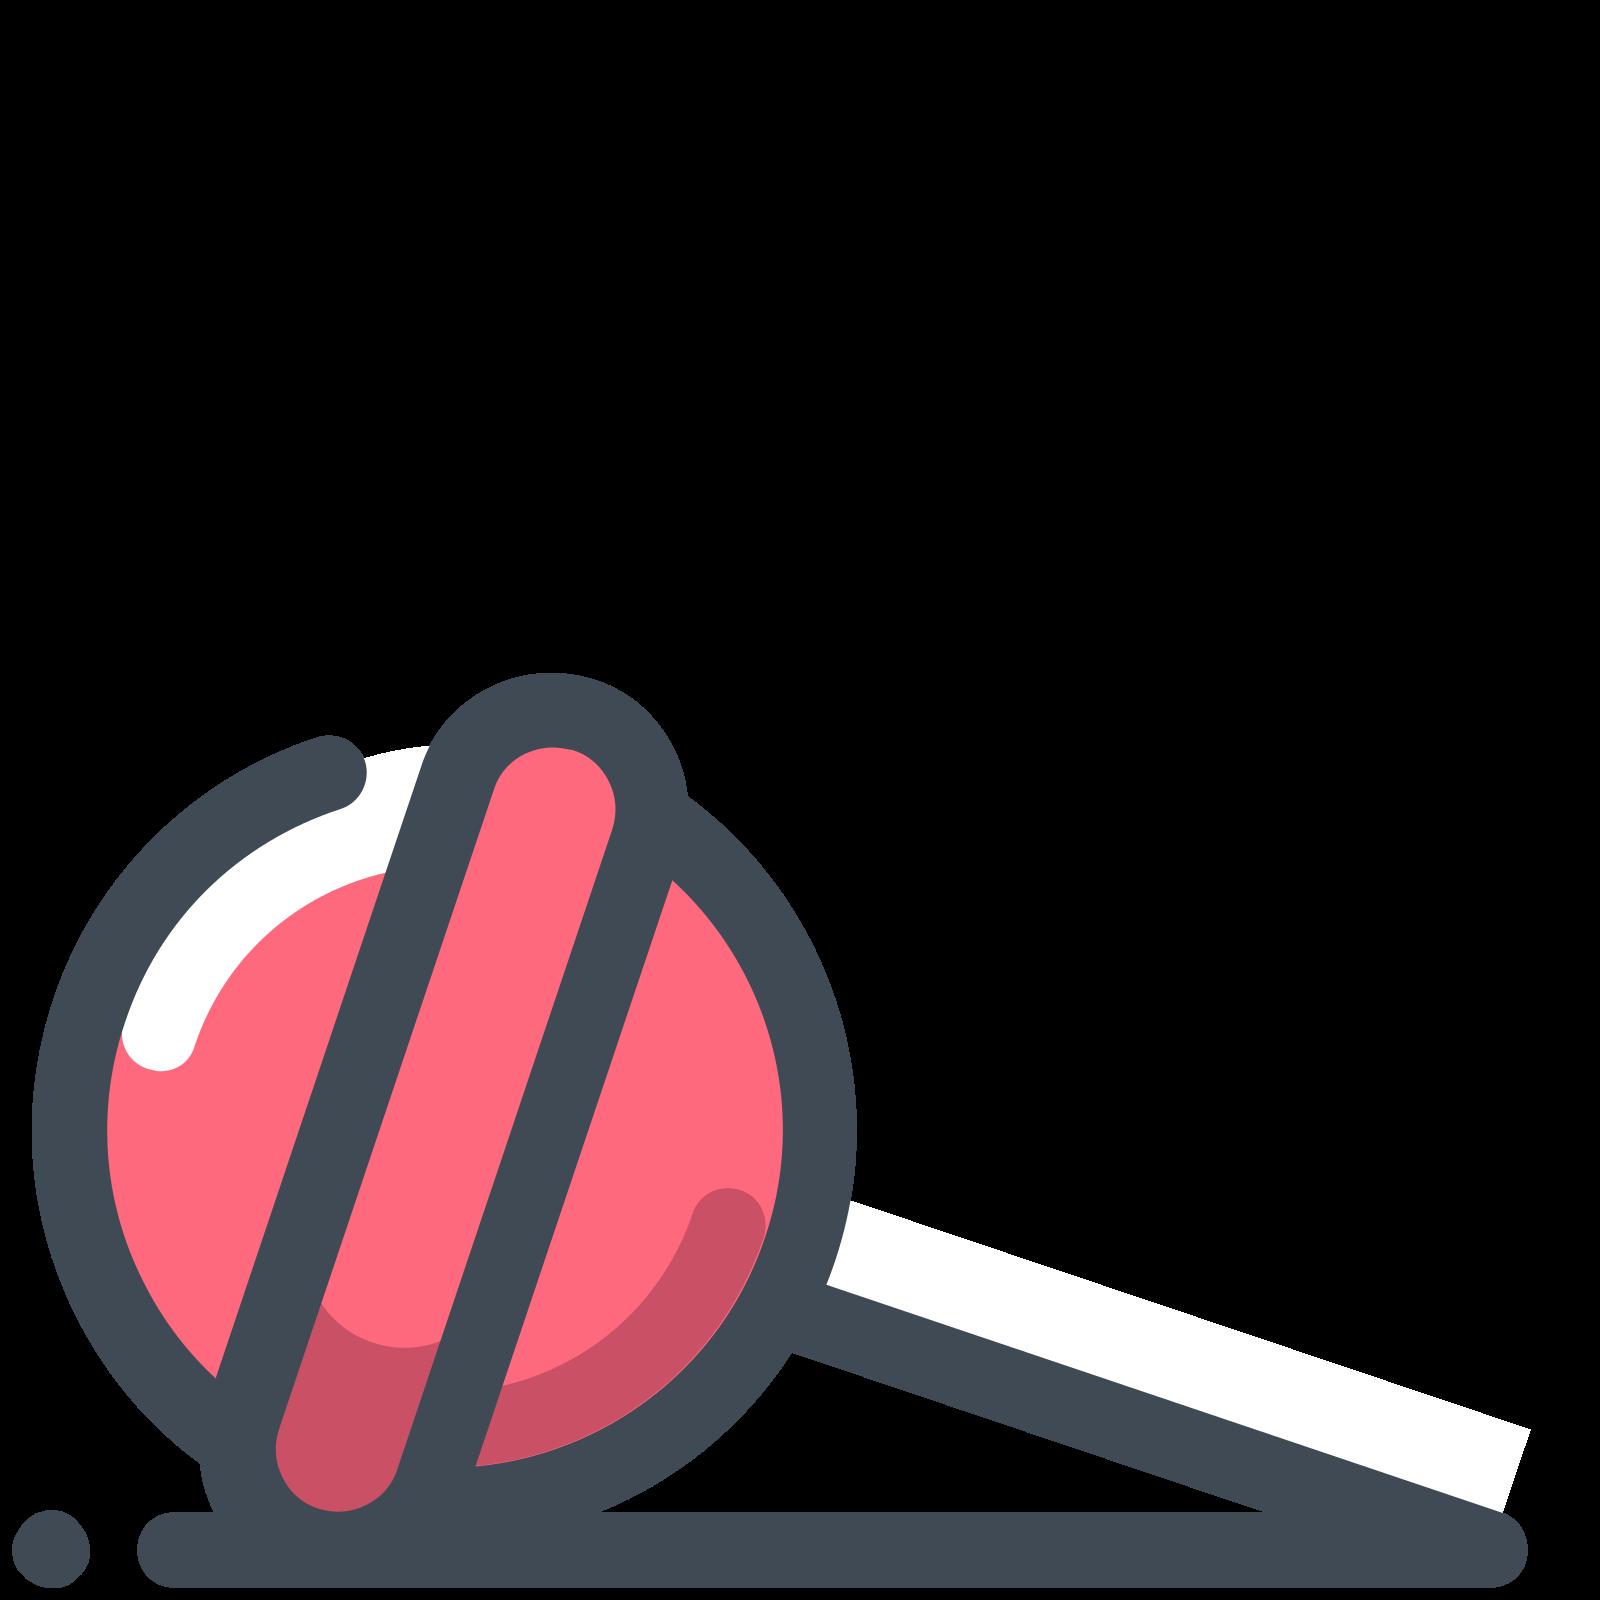 Cherry Chupa Chups icon